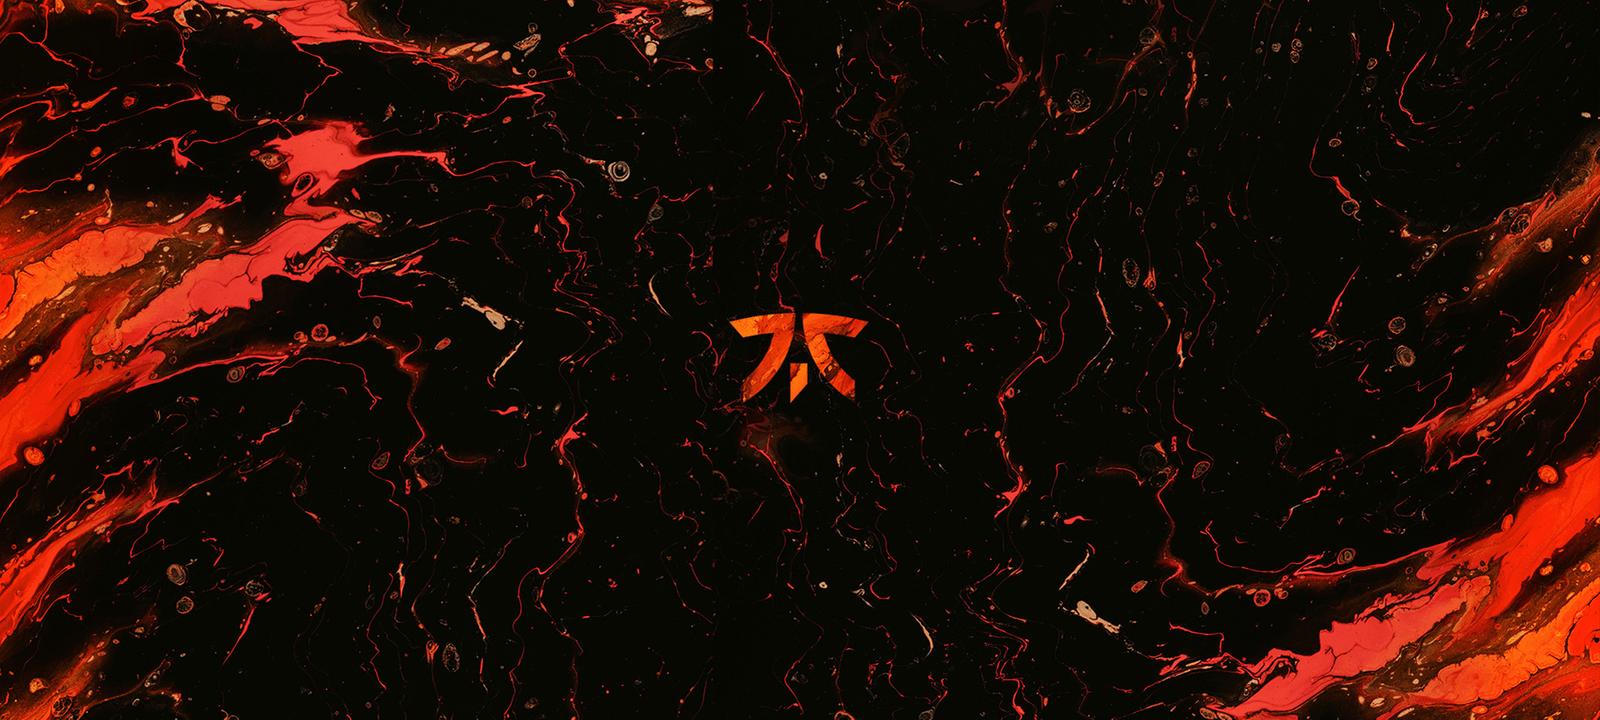 Fnatic logo on orange background